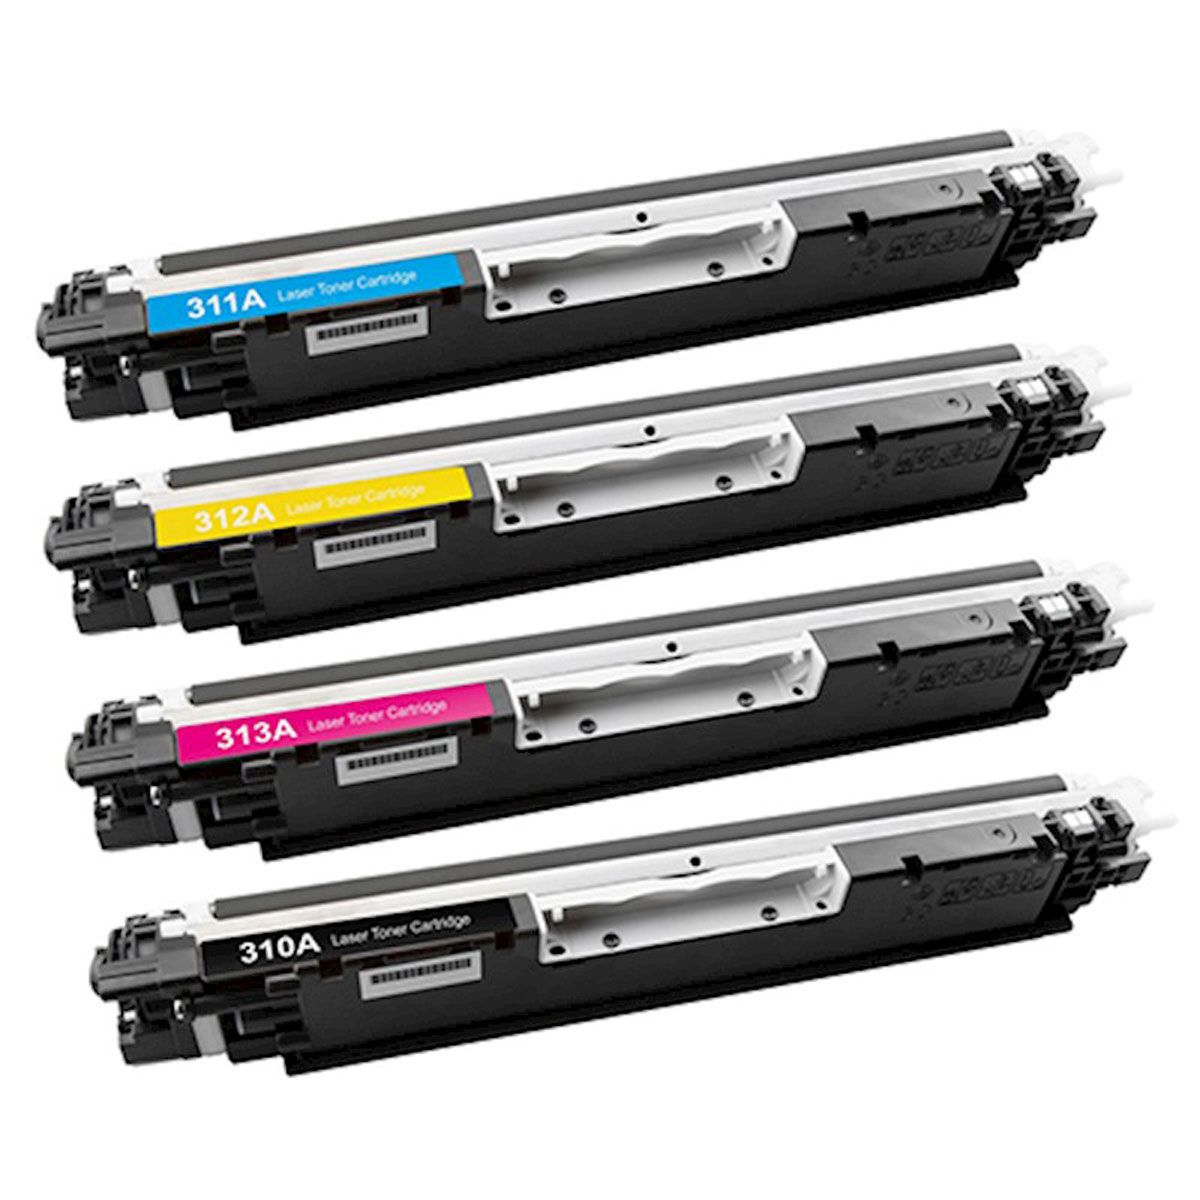 Kit 4 Toner CF350A CF351A CF352A CF353A - 130A - M176N M176 M177 M177FW Compativel  kce350comp